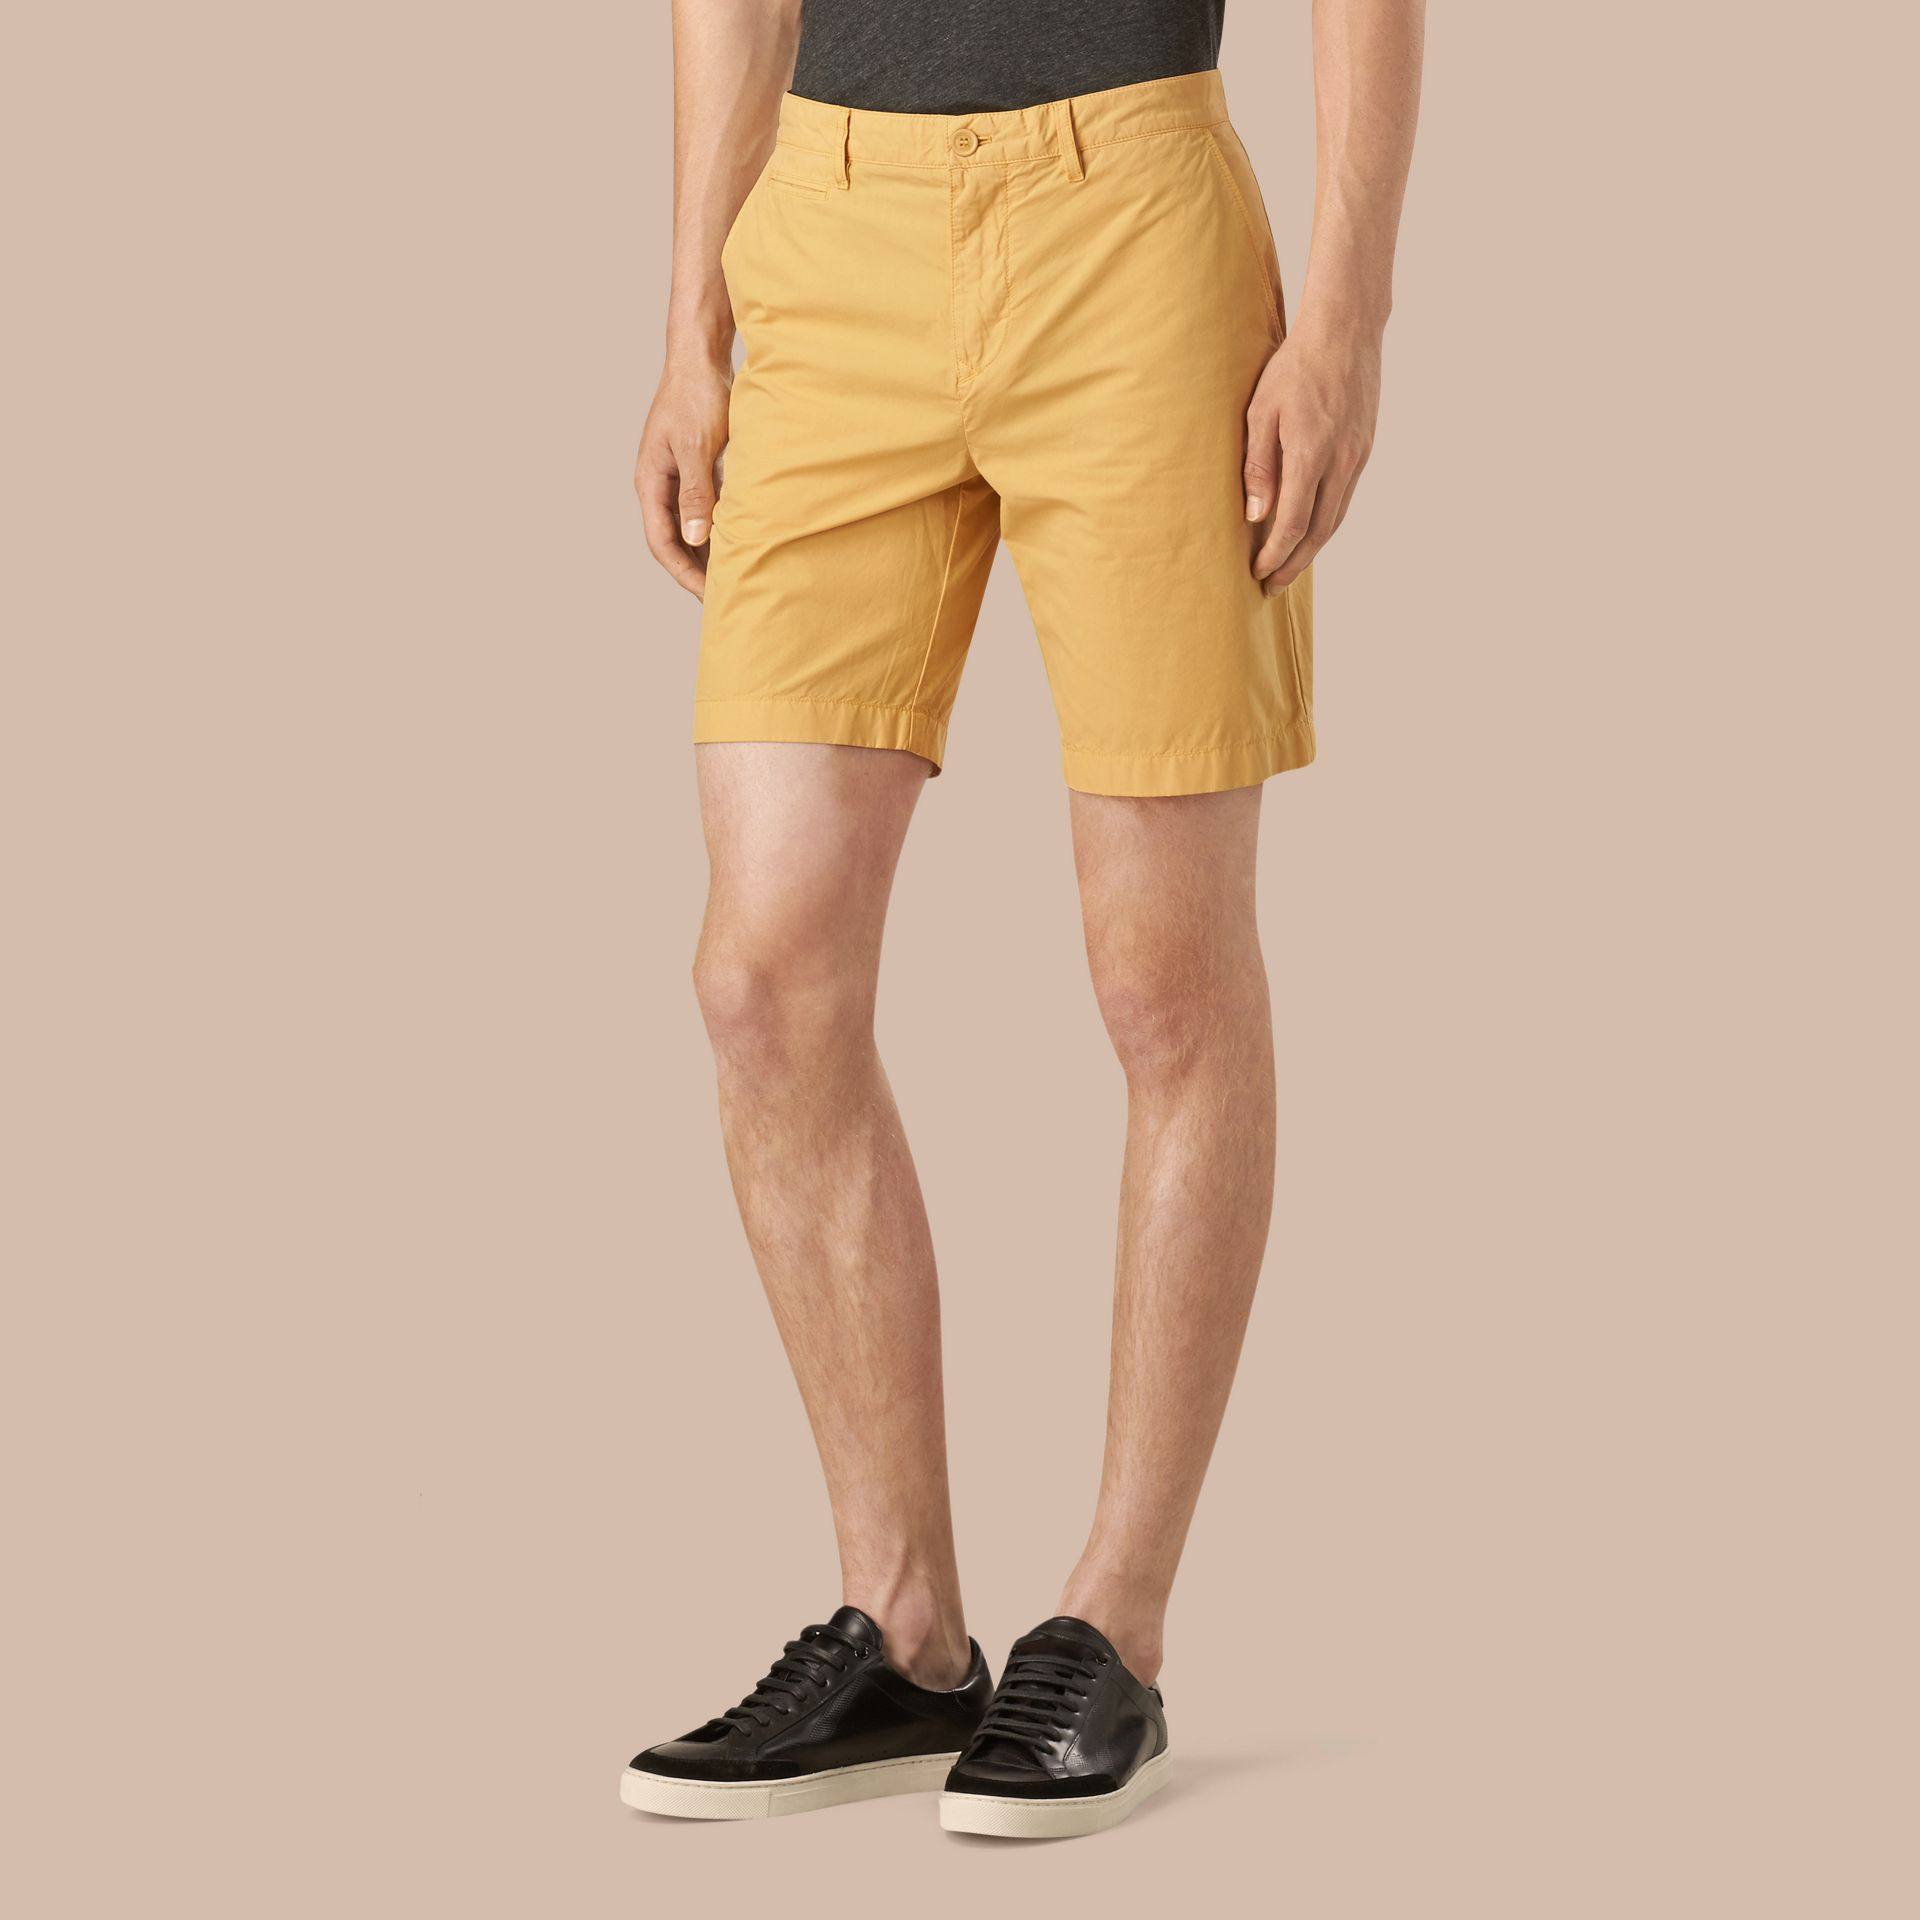 Giallo fiordaliso Pantaloncini chino in popeline di cotone Giallo Fiordaliso - immagine della galleria 1